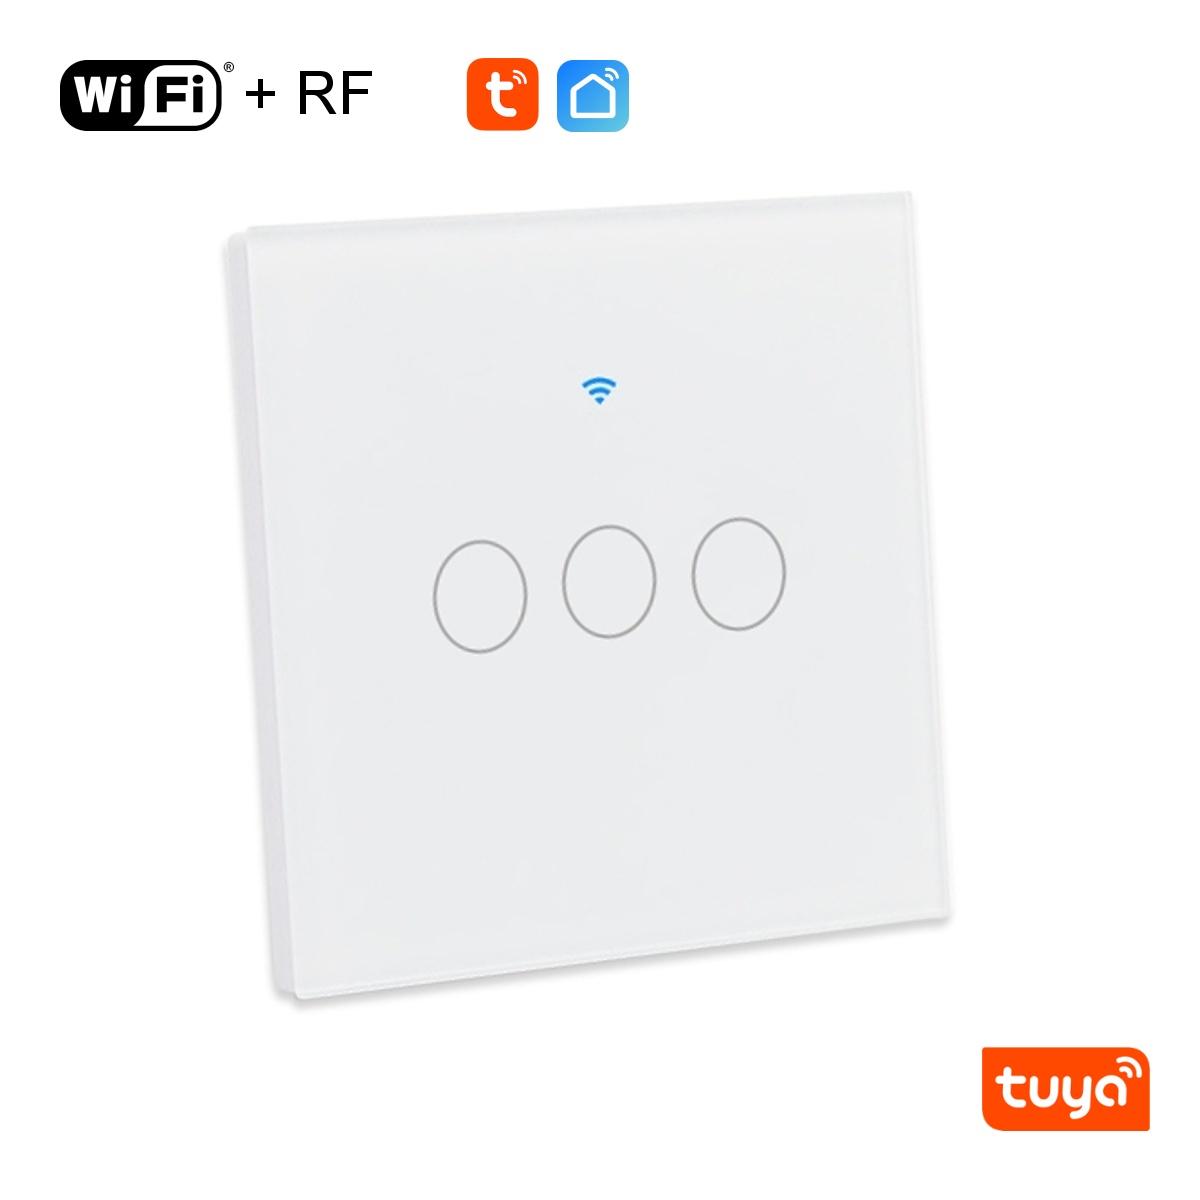 Třítlačítkový WiFi+RF vypínač - Tuya